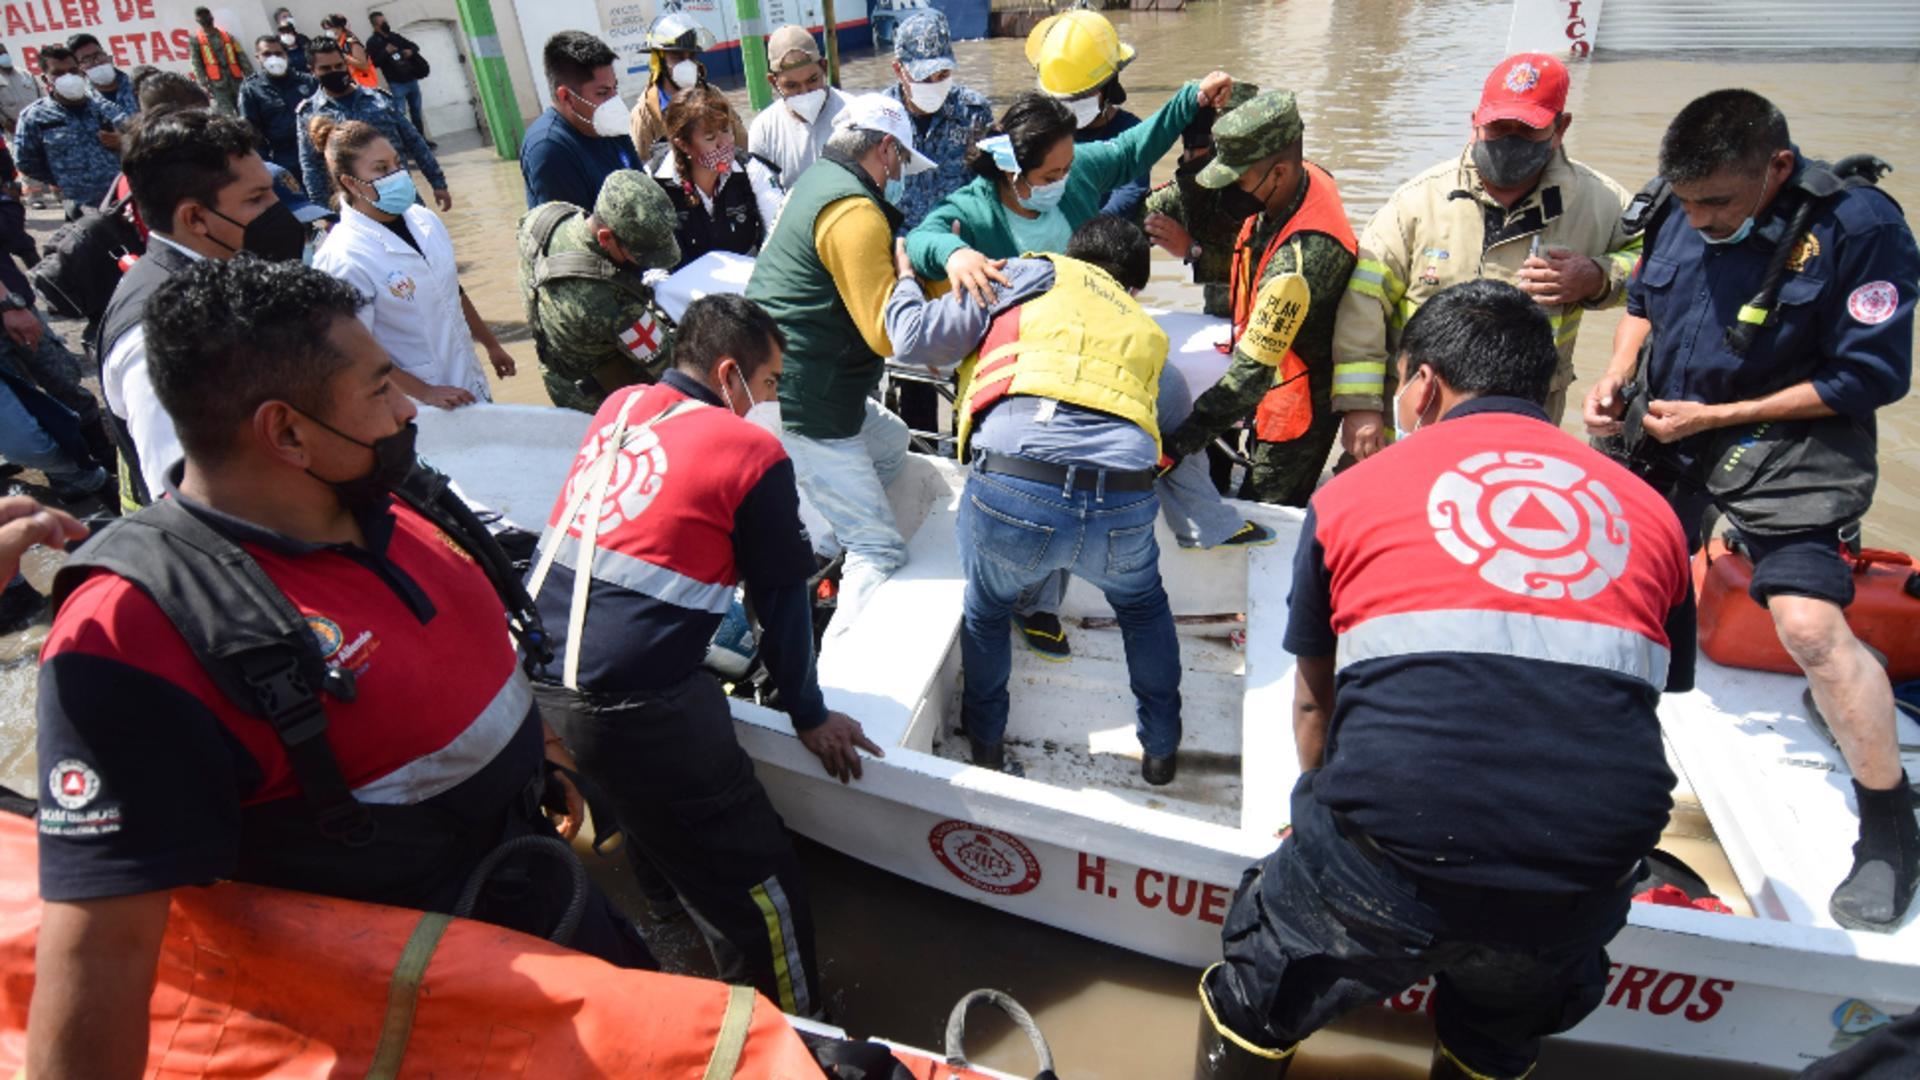 Inundații catastrofale, în Mexic / Foto: Profi Media